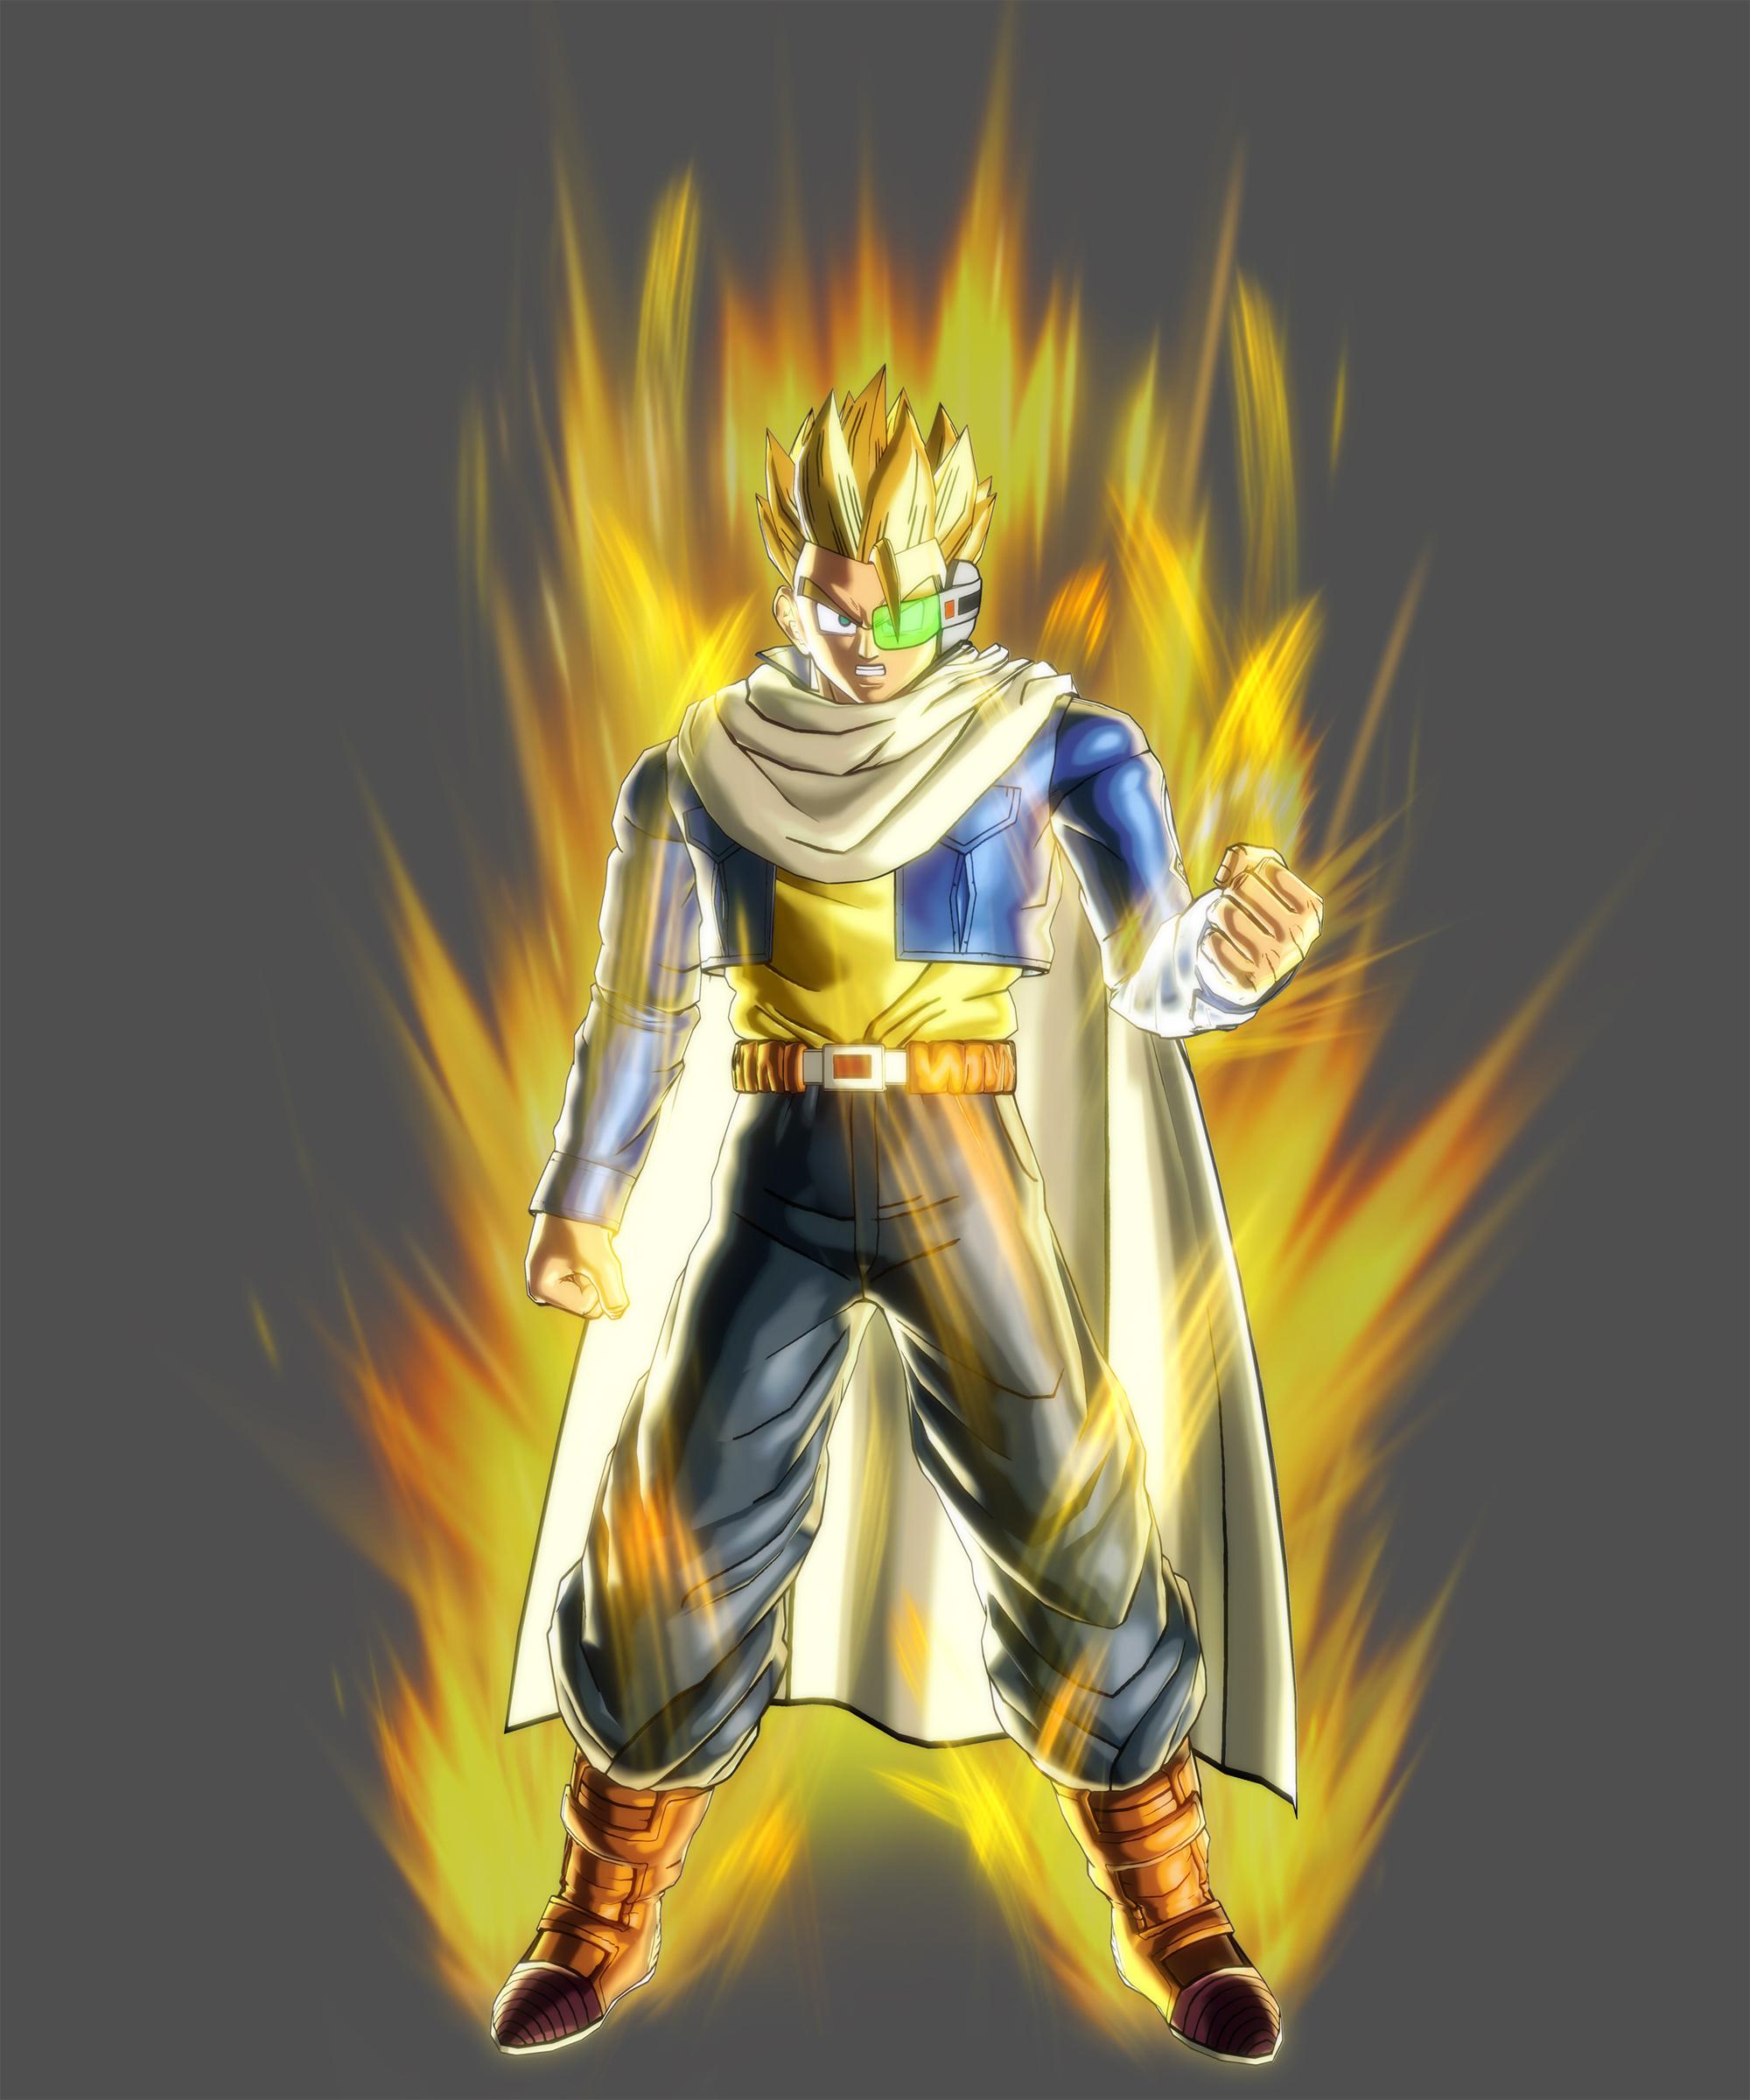 悟空超级赛亚人1到10_《龙珠:超宇宙》神秘未来战士可变身超级赛亚人_第2页_www.3dmgame.com